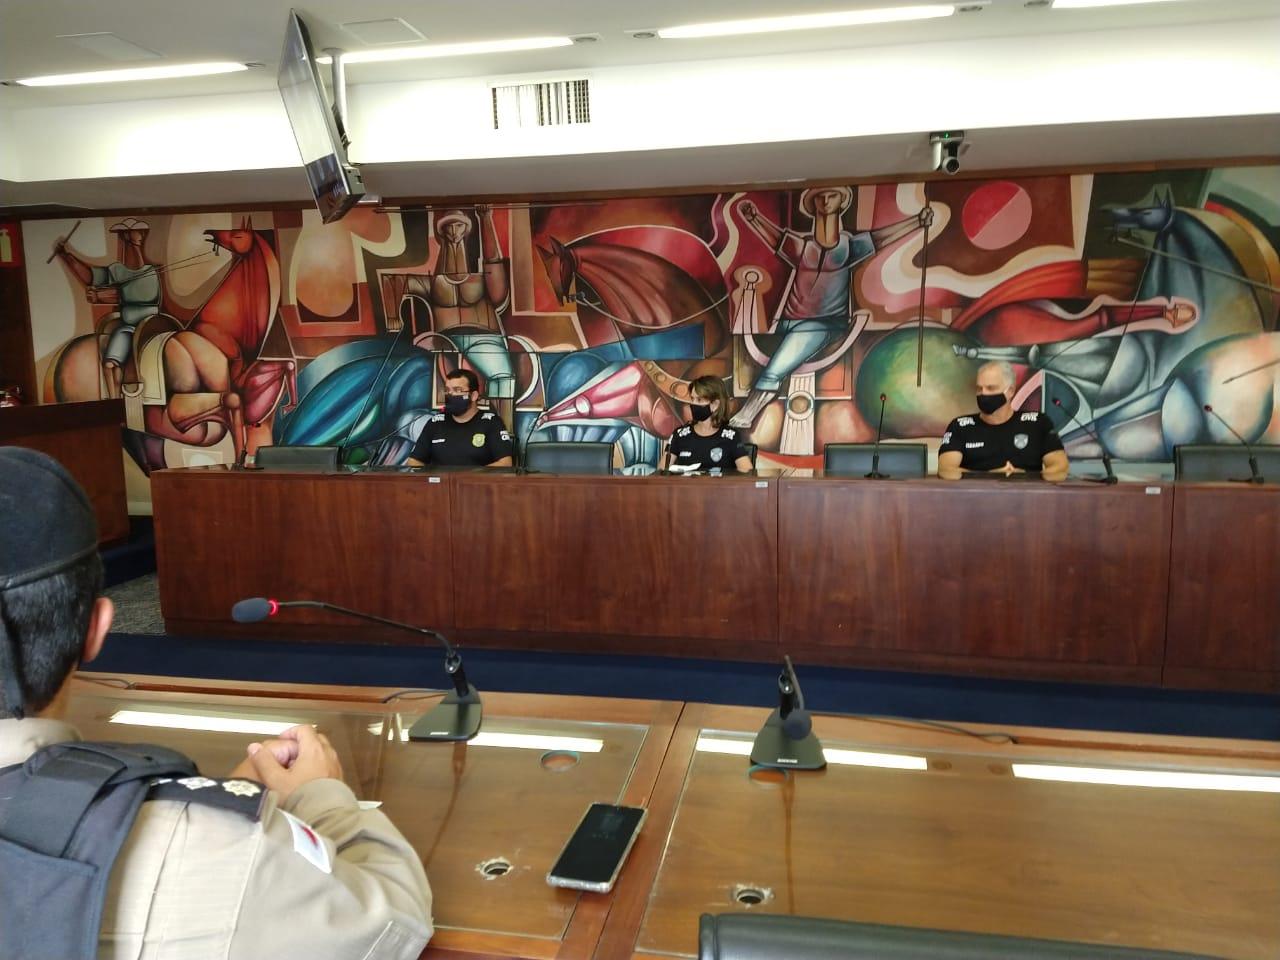 Operação Hexagrama III prende 30 integrantes de organização criminosa em Minas - Foto: Divulgação/PCMG